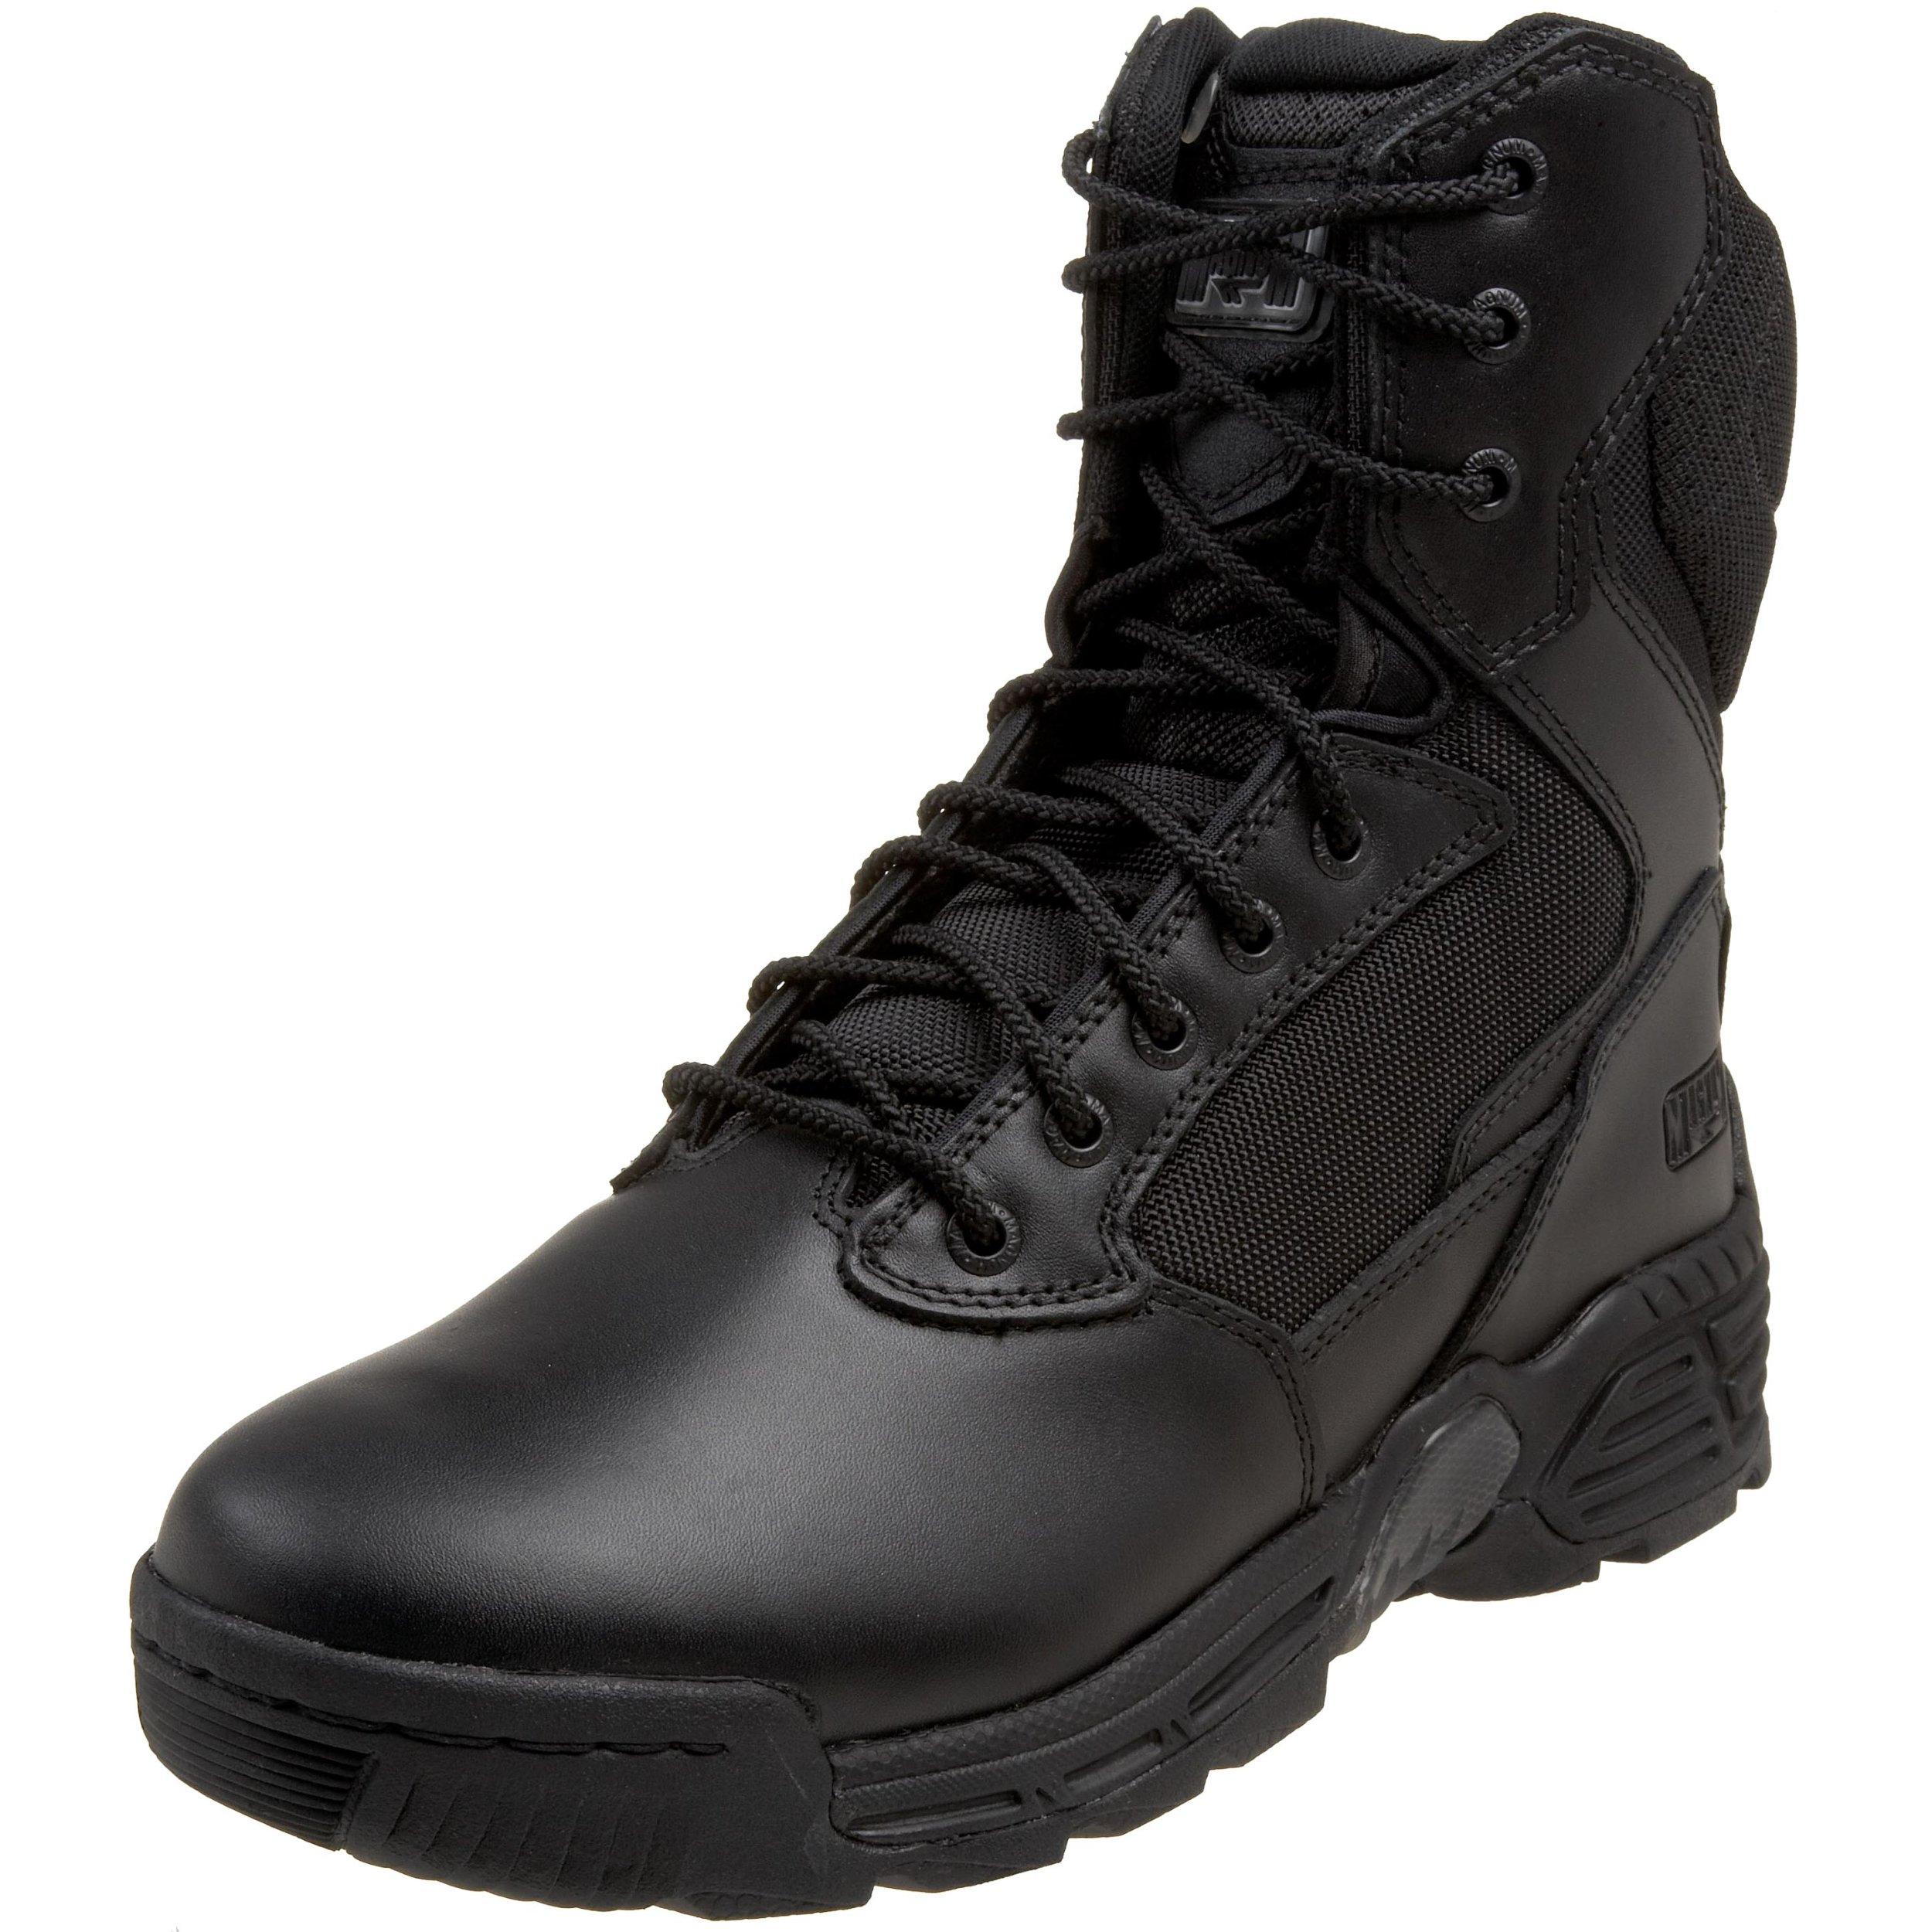 Magnum Men's Stealth Force 8.0 Boot,Black,10.5 W US